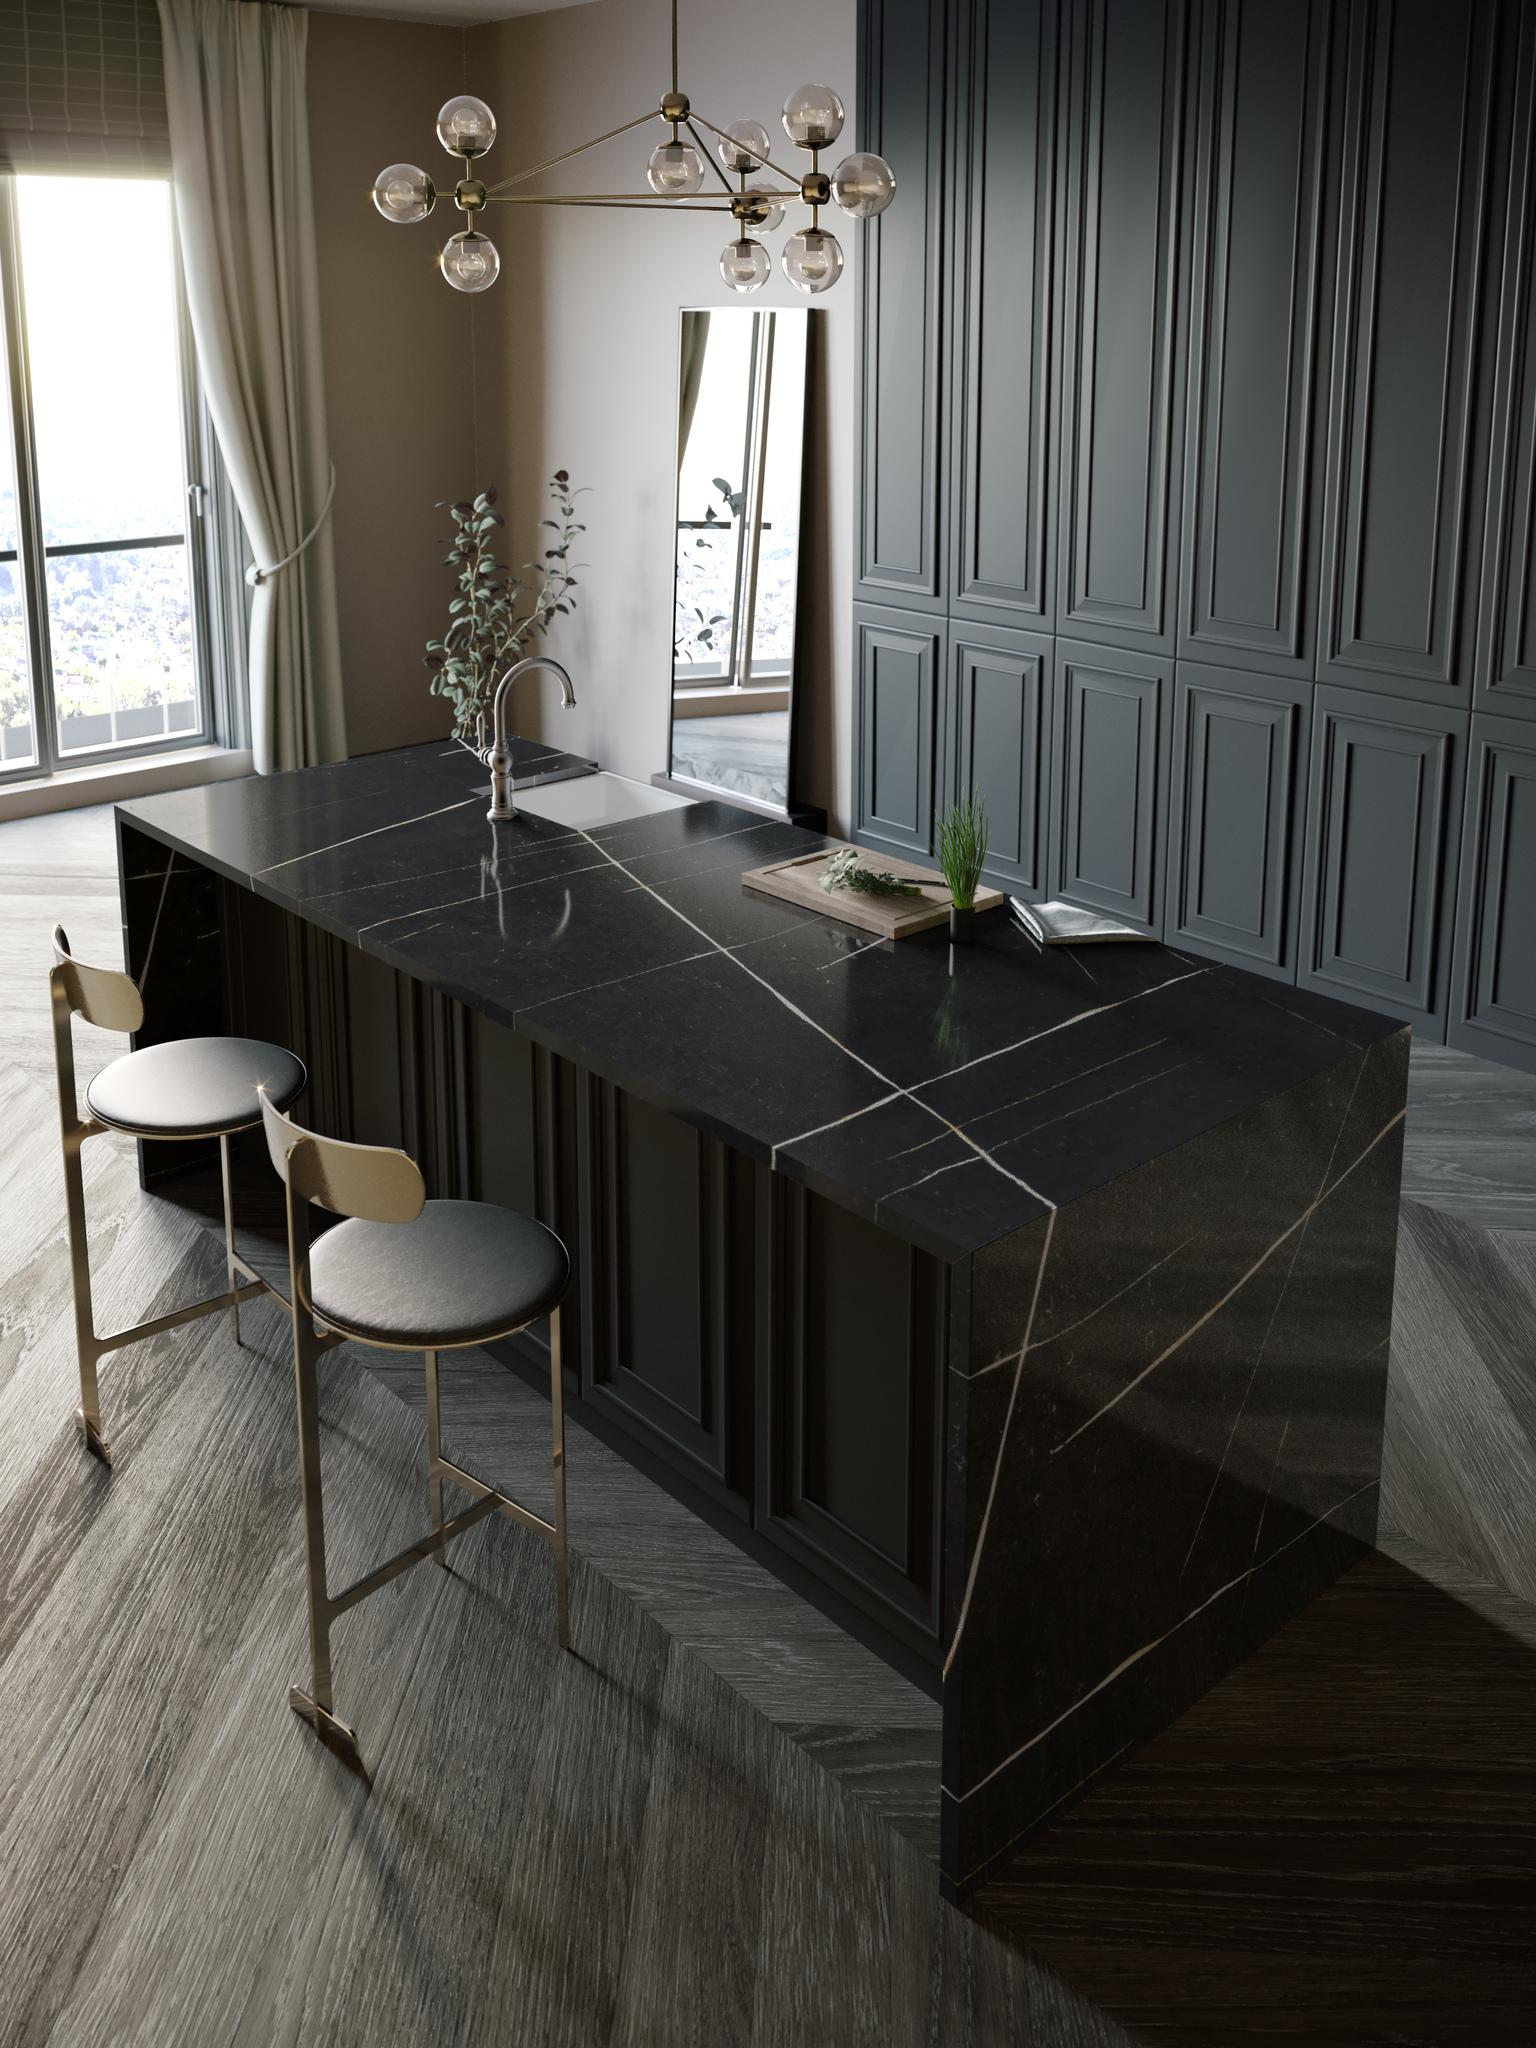 Küchenarbeitsplatten Insel mit Seitenverkleidung und Sitzplatz